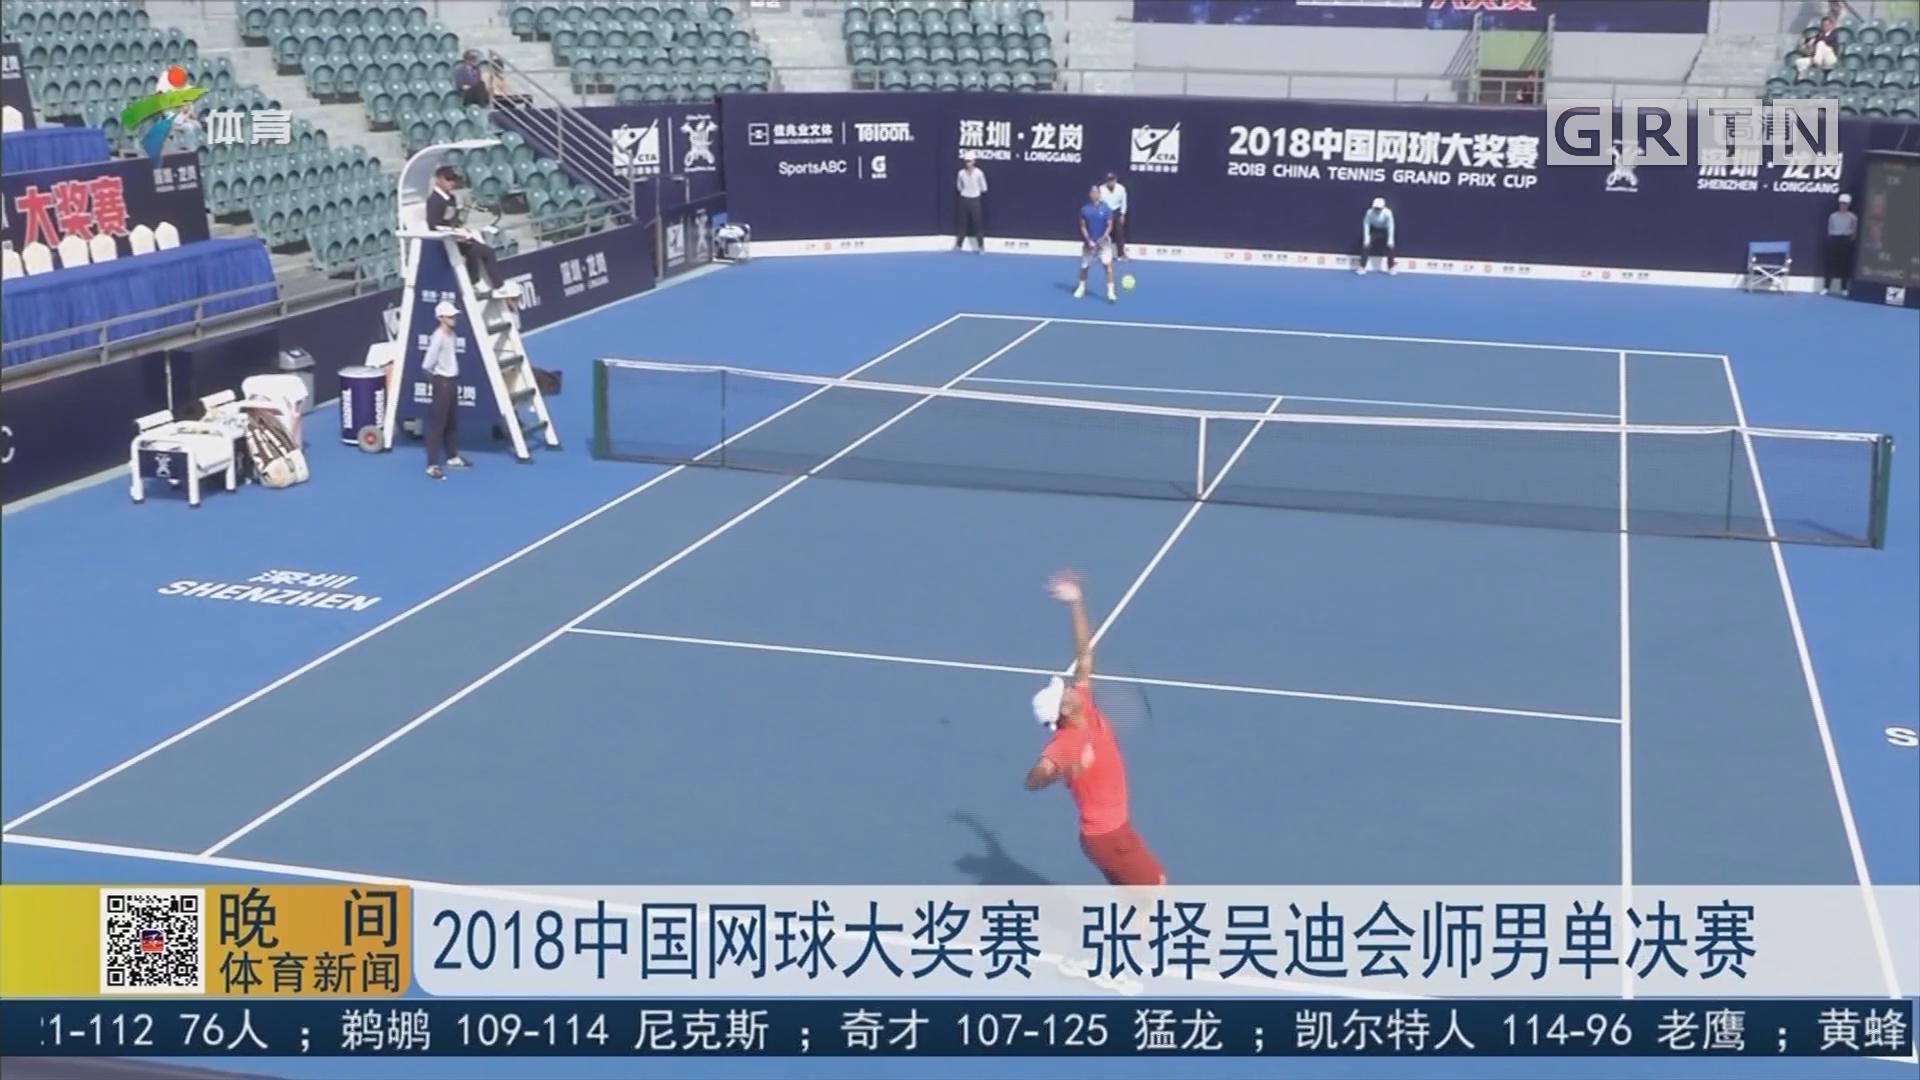 2018中国网球大奖赛 张择吴迪会师男单决赛